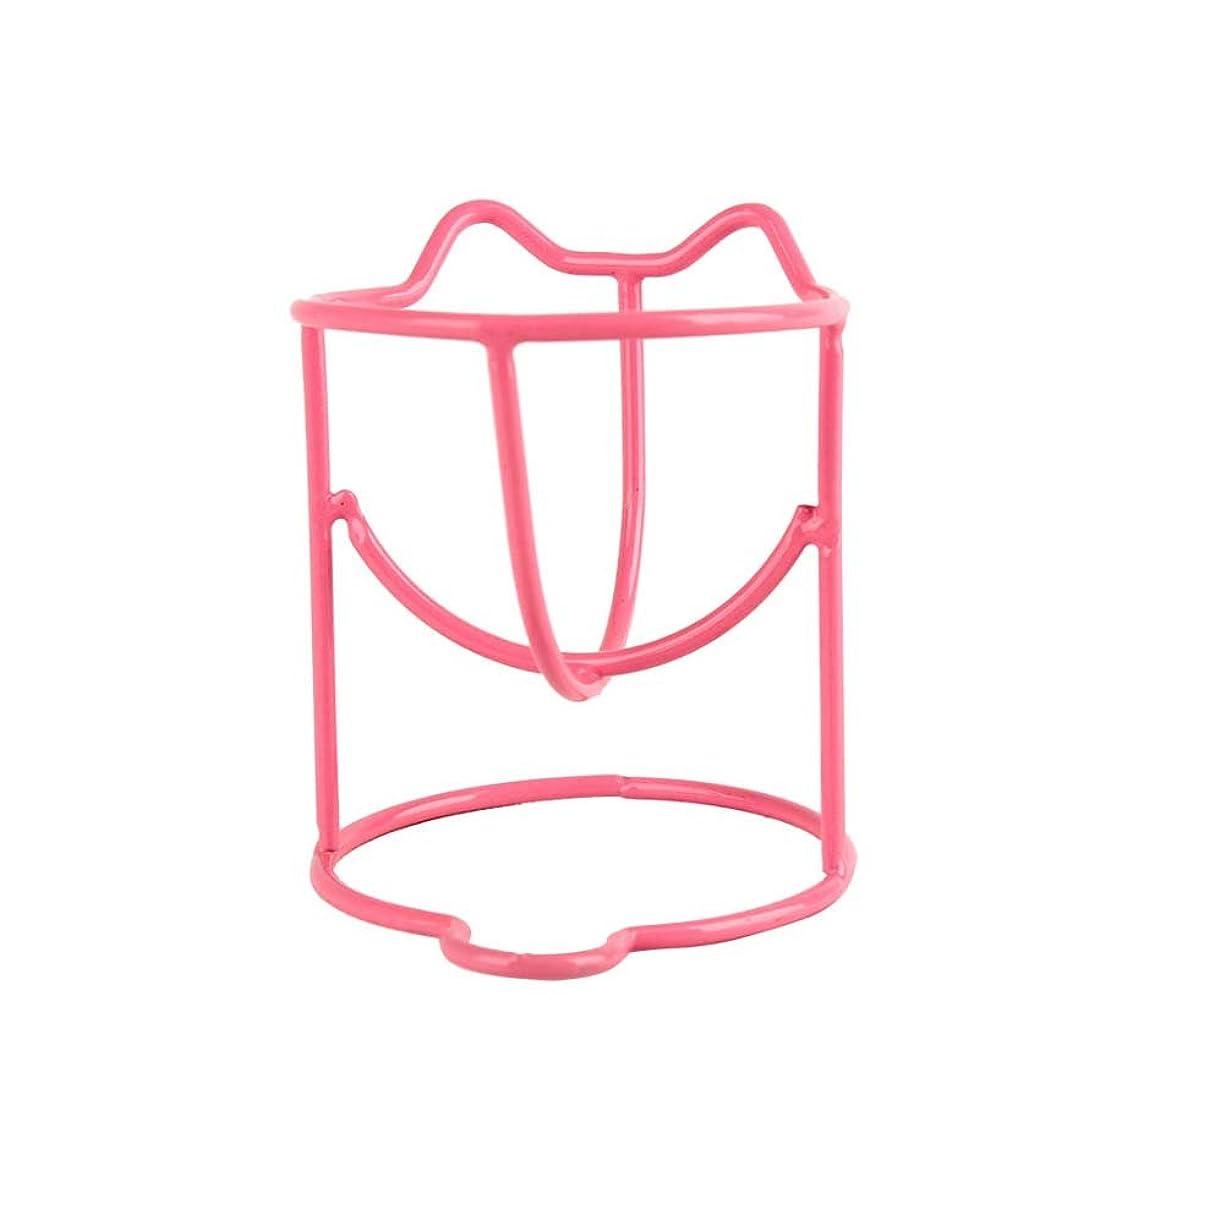 フレキシブルオフセット増強ファッションメイク卵パウダーパフスポンジディスプレイスタンド乾燥ホルダーラックのセット